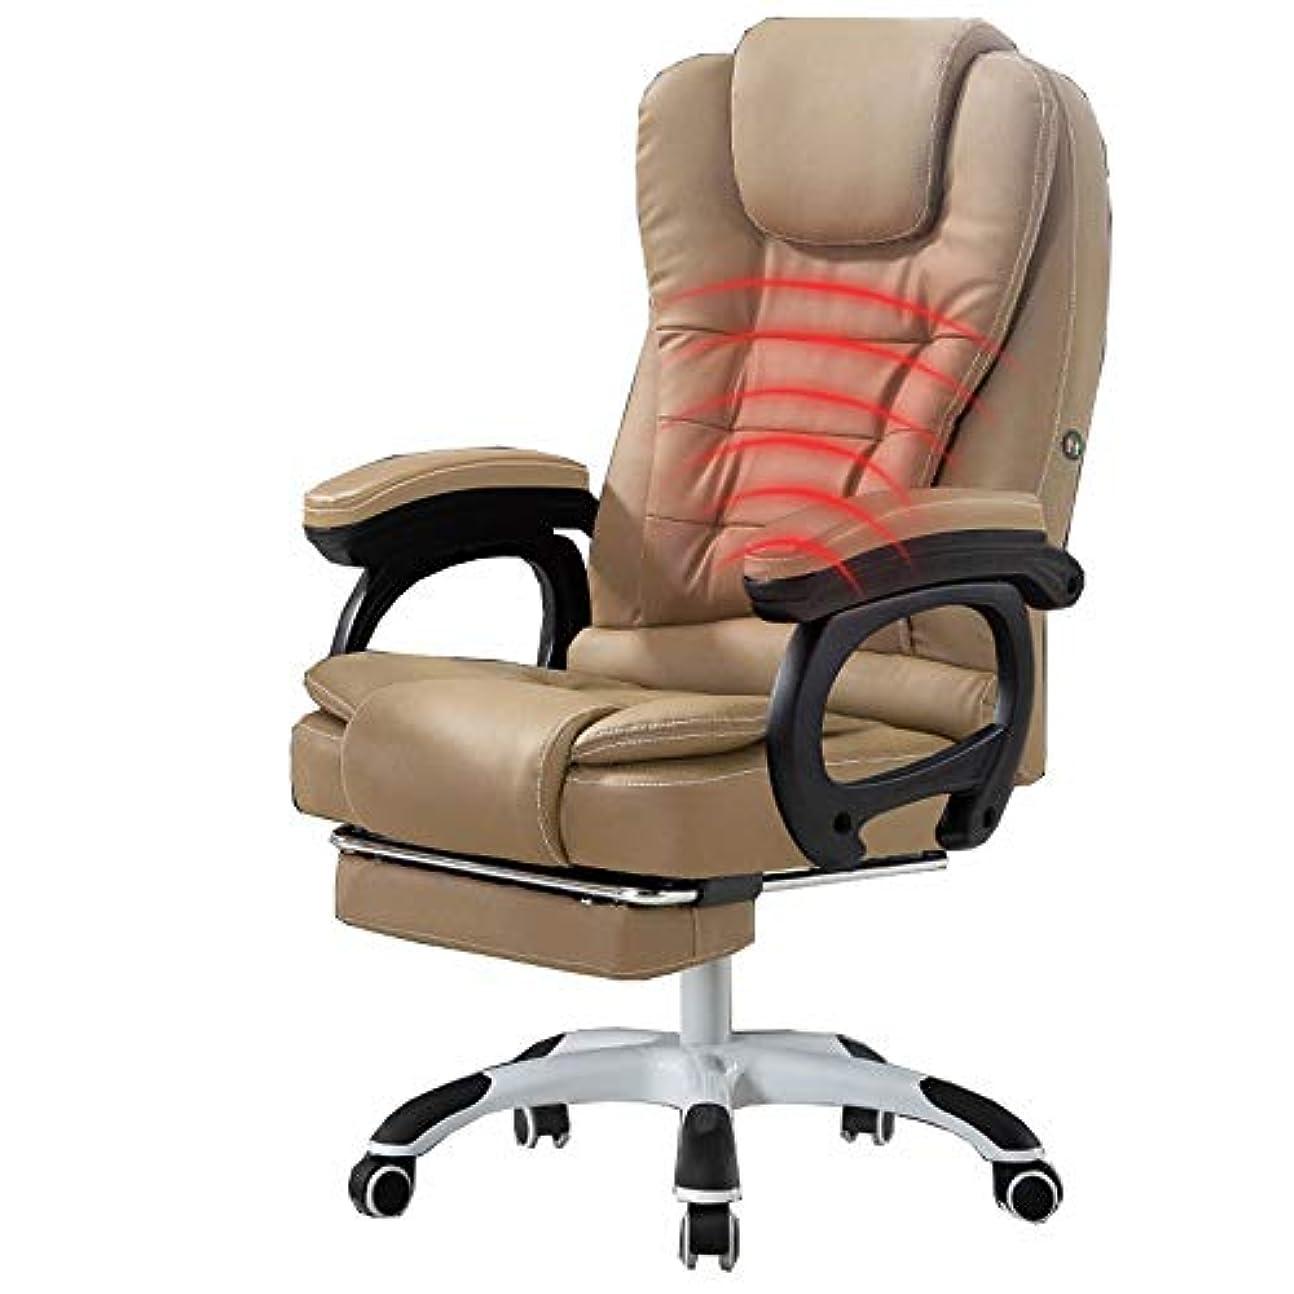 ソーダ水隙間王子LJFYXZ 社長椅子 約160度リクライニング フットレスト 高さ昇降 肉厚クッション ウエストマッサージ レザー ビジネス デスクチェア ベアリング重量150kg (Color : Brown)